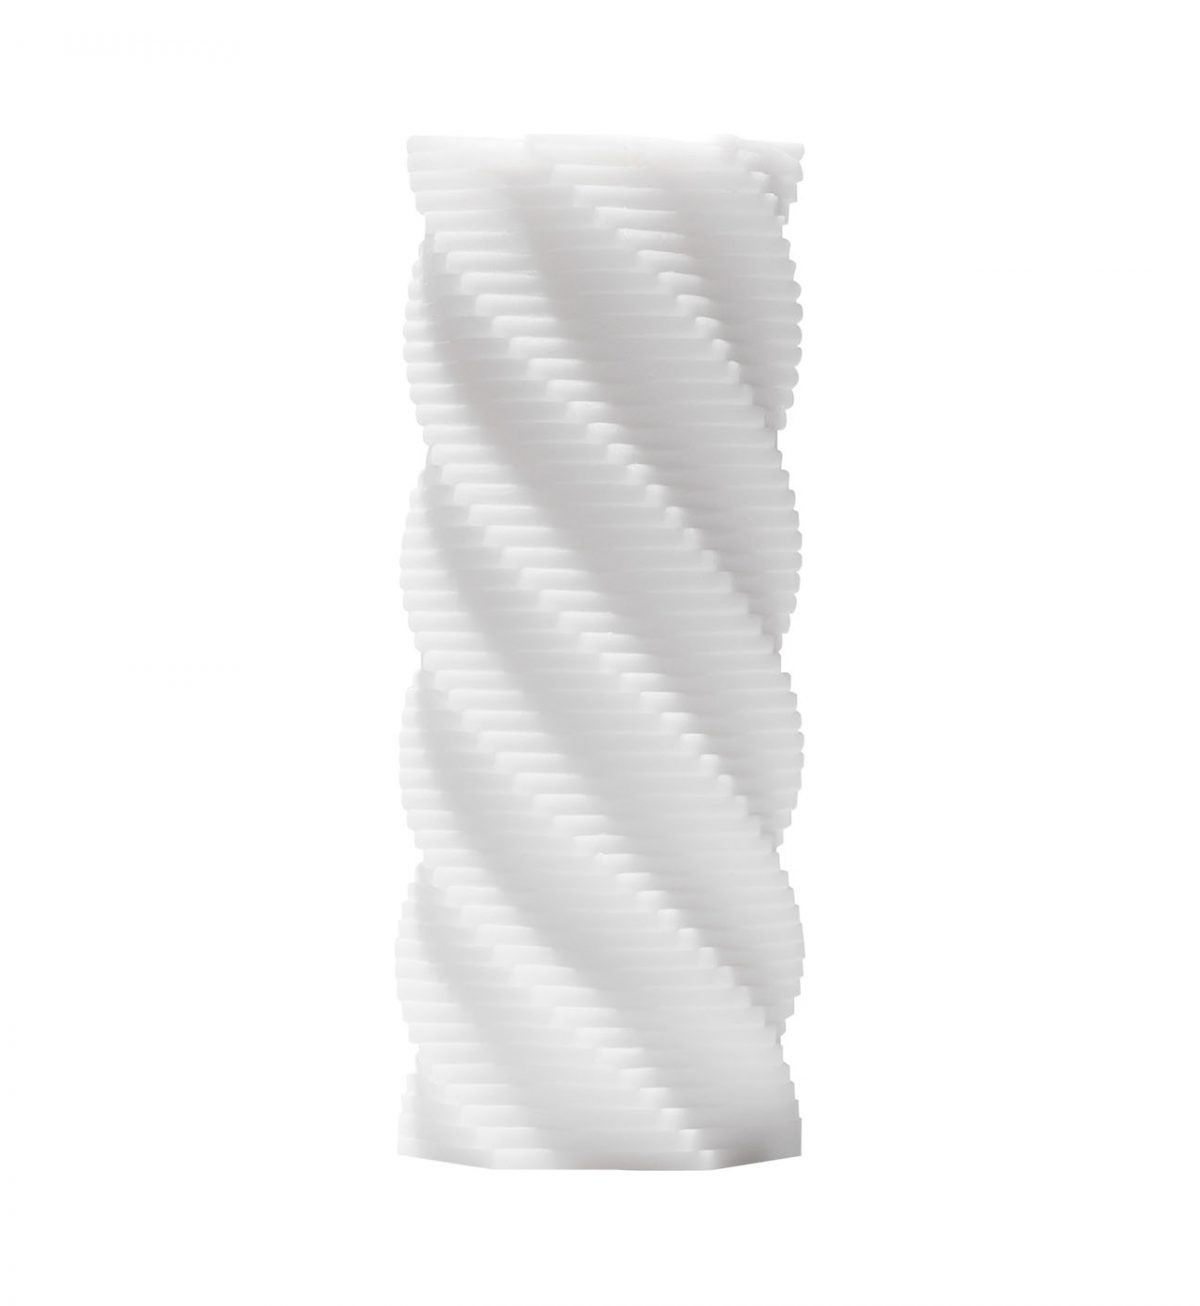 3D Spiral - Spiralformet masturbasjonsredskap for menn - Tenga